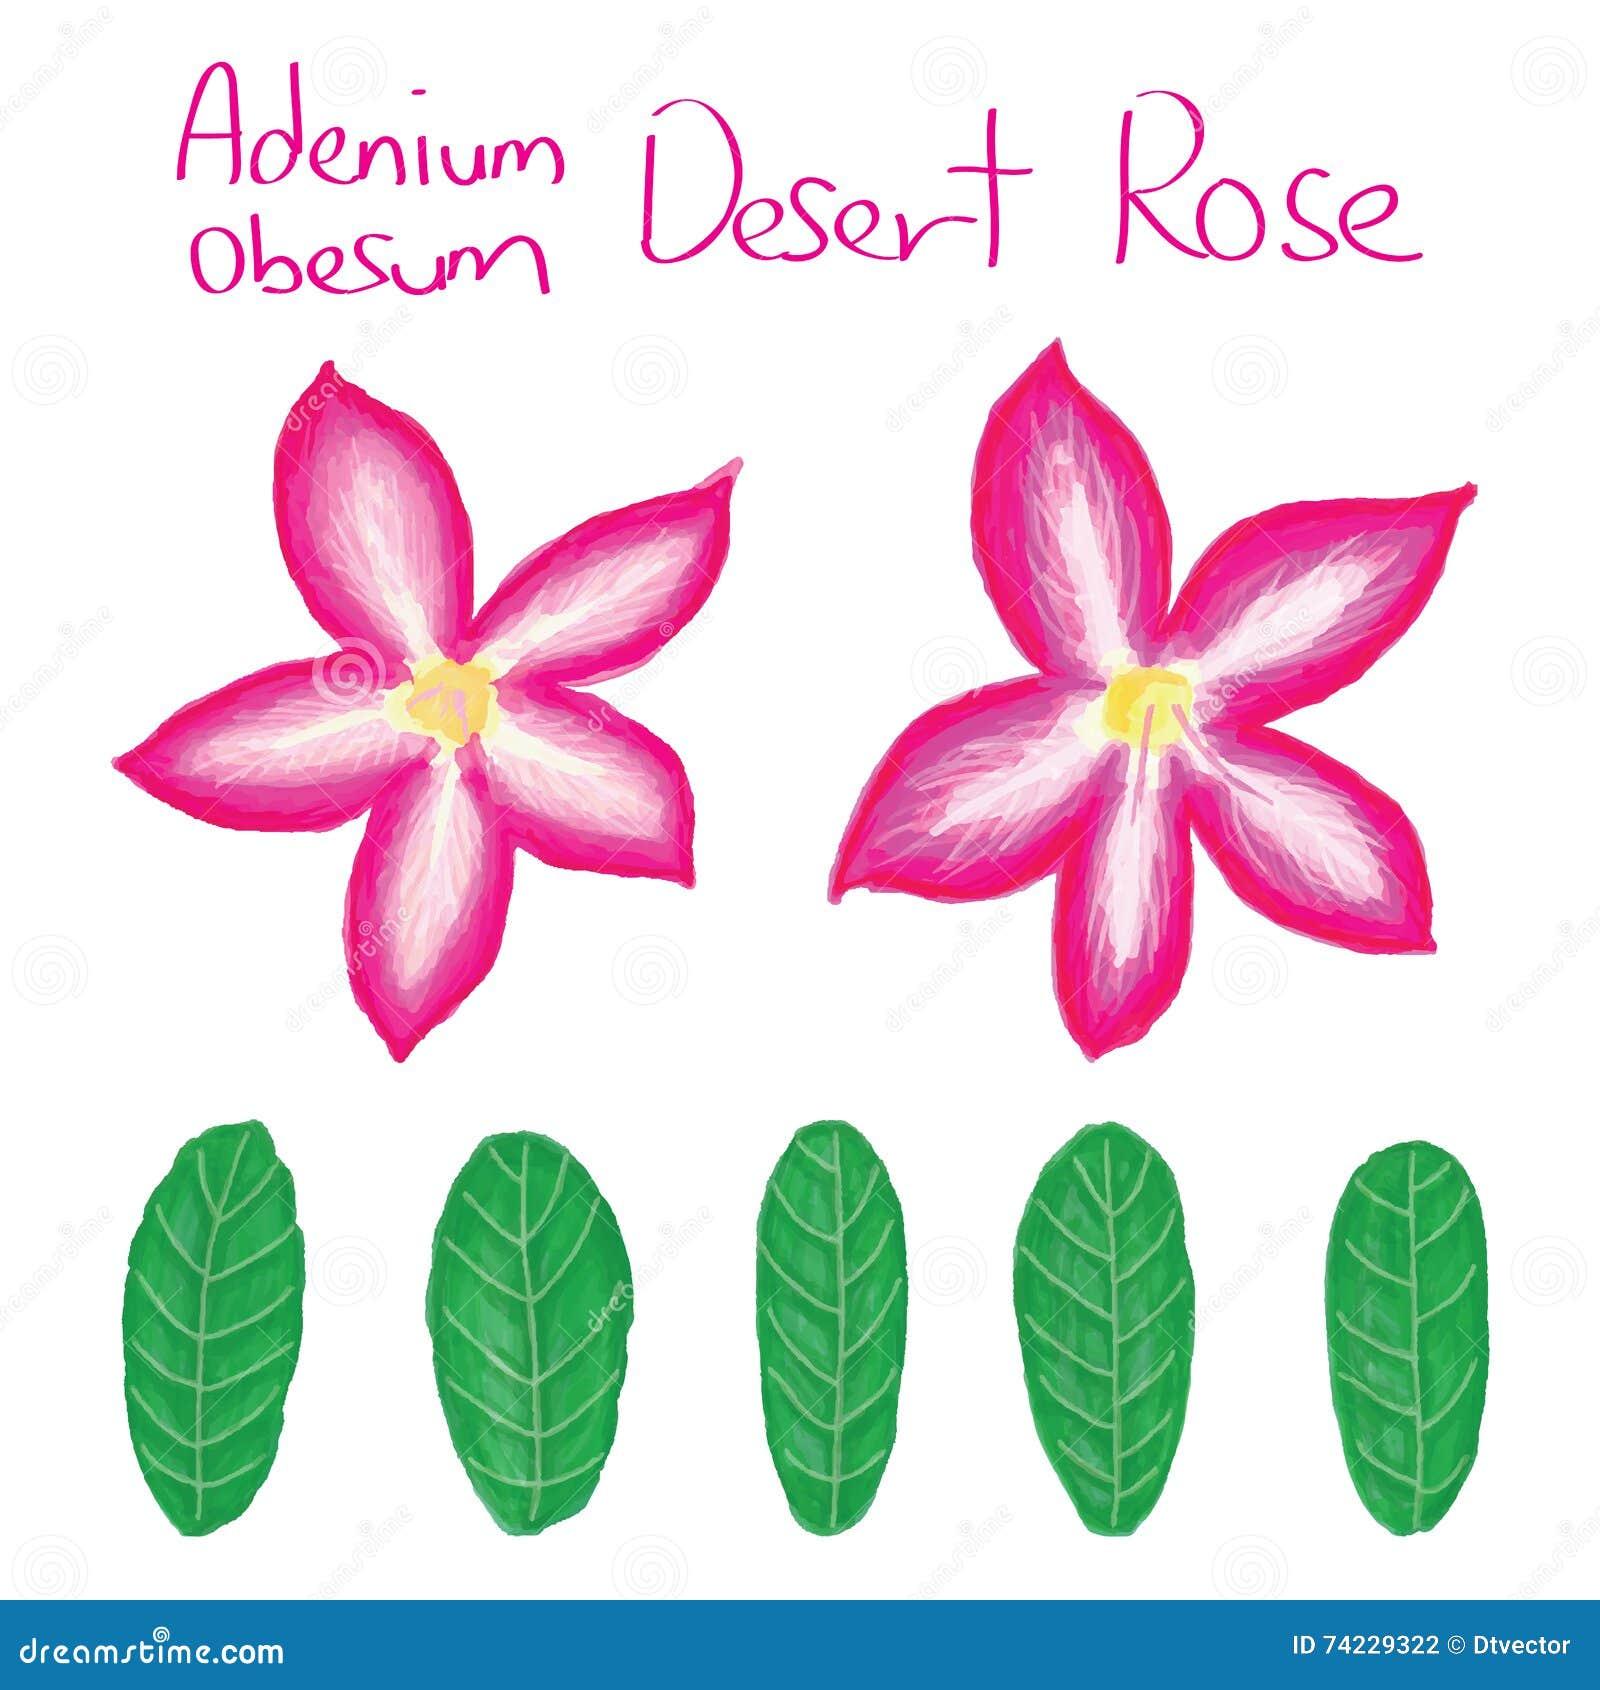 Adenium Obesum set